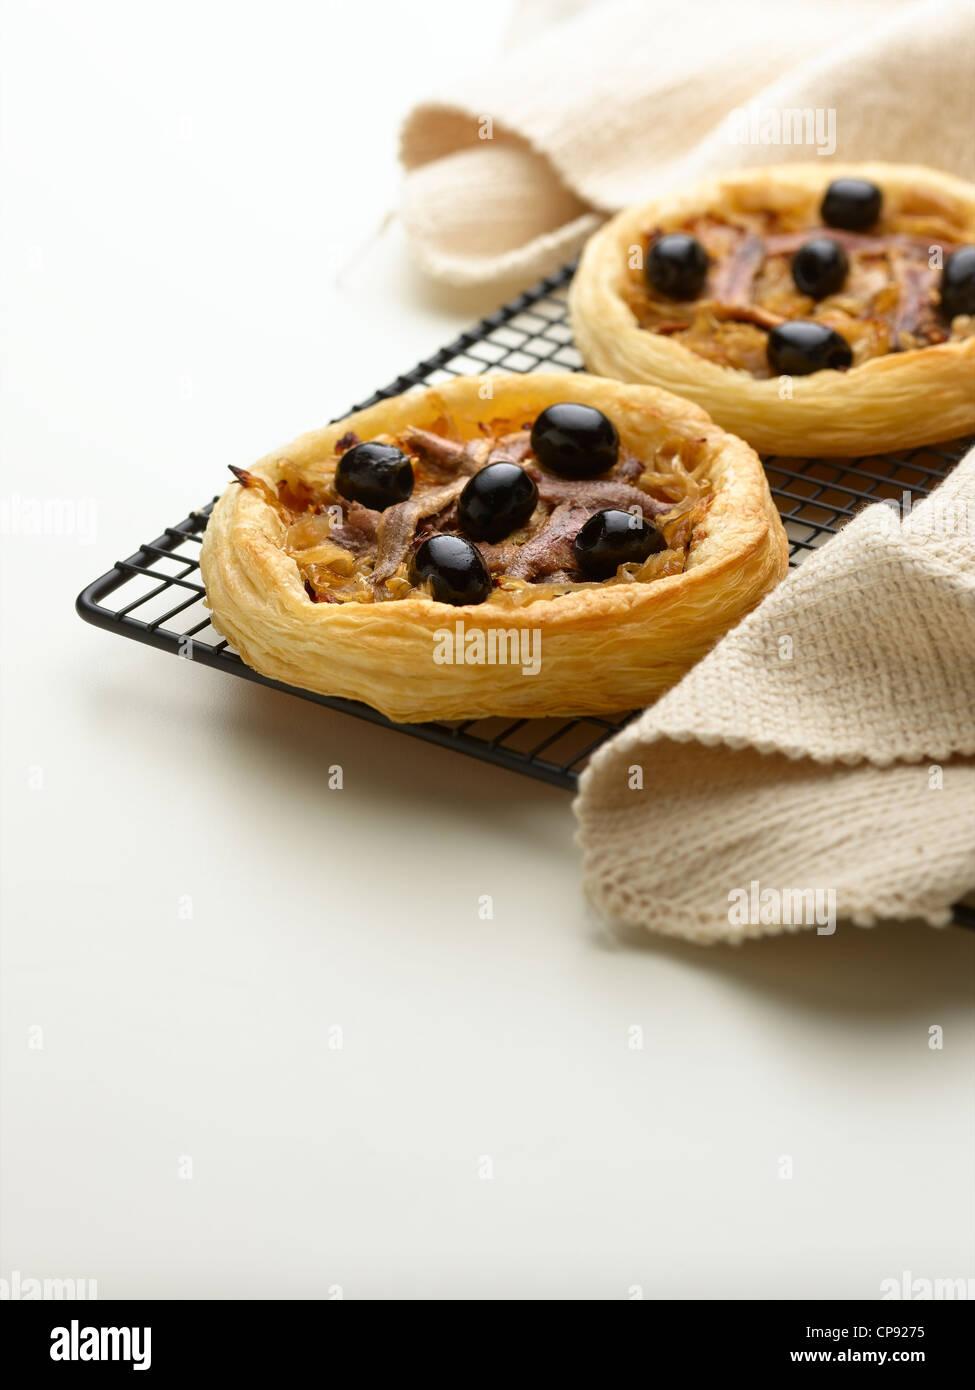 onion tart - Stock Image